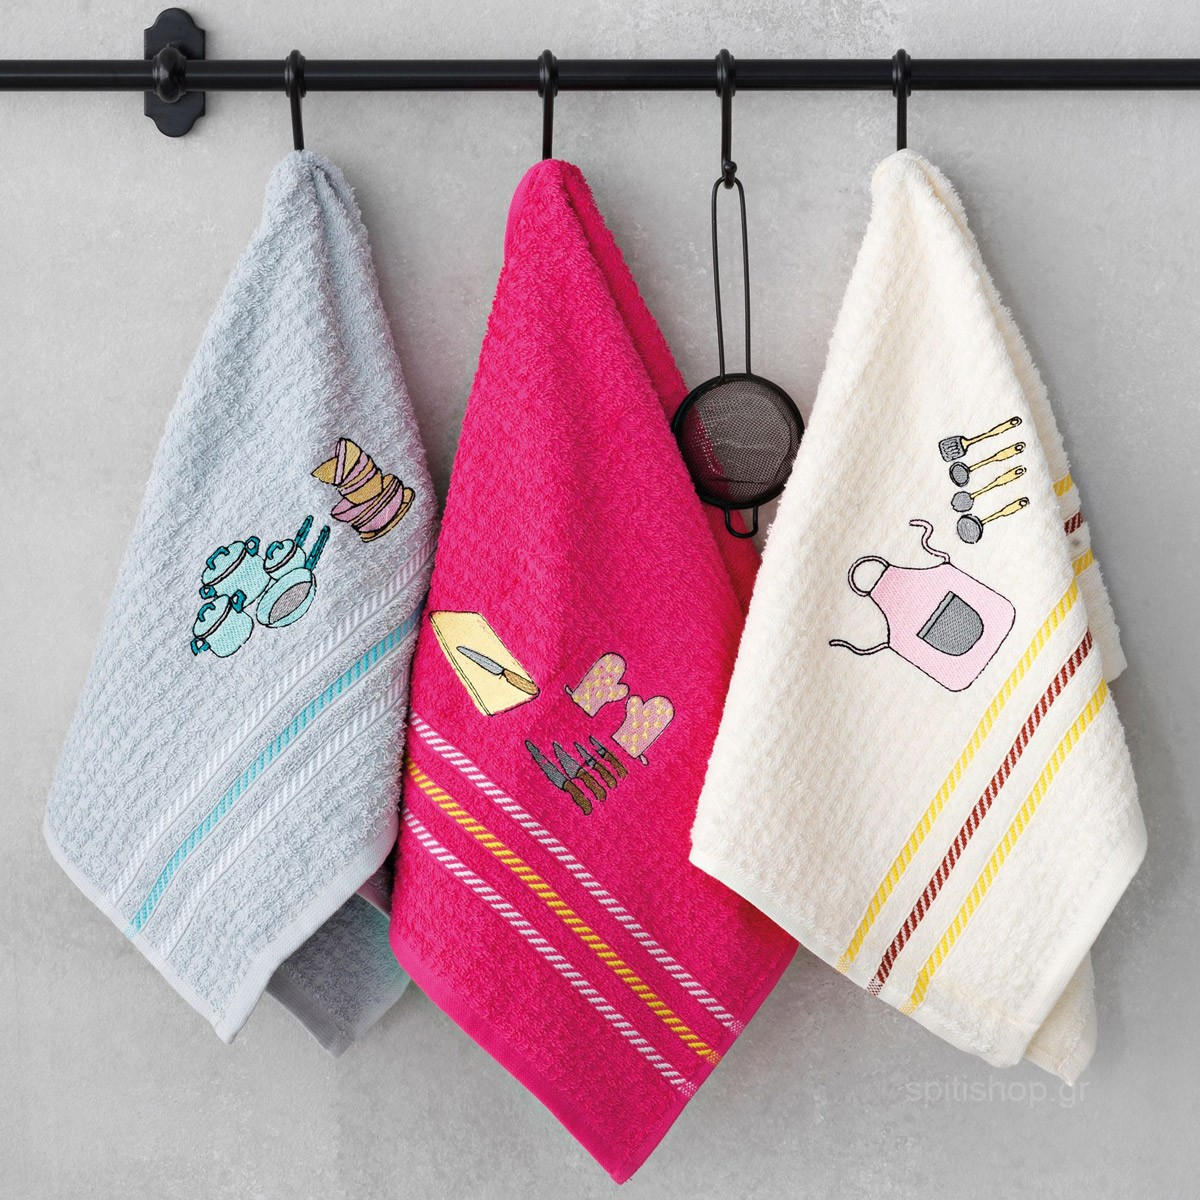 Πετσέτες Κουζίνας (Σετ 3τμχ) Palamaiki Festozi Square home   κουζίνα   τραπεζαρία   πετσέτες κουζίνας